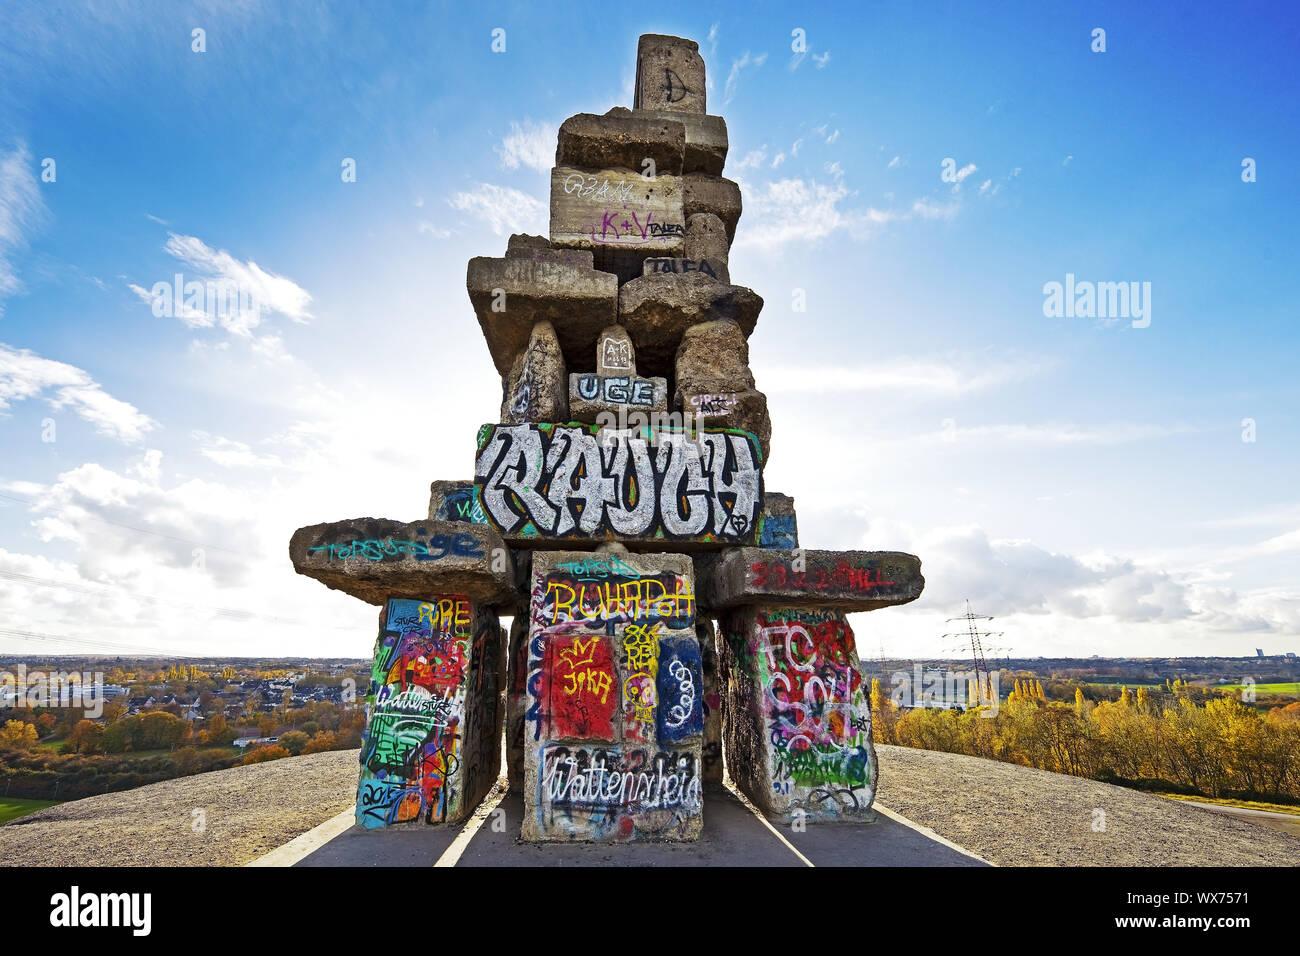 Graffiti auf der Treppe des Himmels, verderben Tipp Rhein Elbe, Gelsenkirchen, Ruhrgebiet, Deutschland, Europa Stockfoto